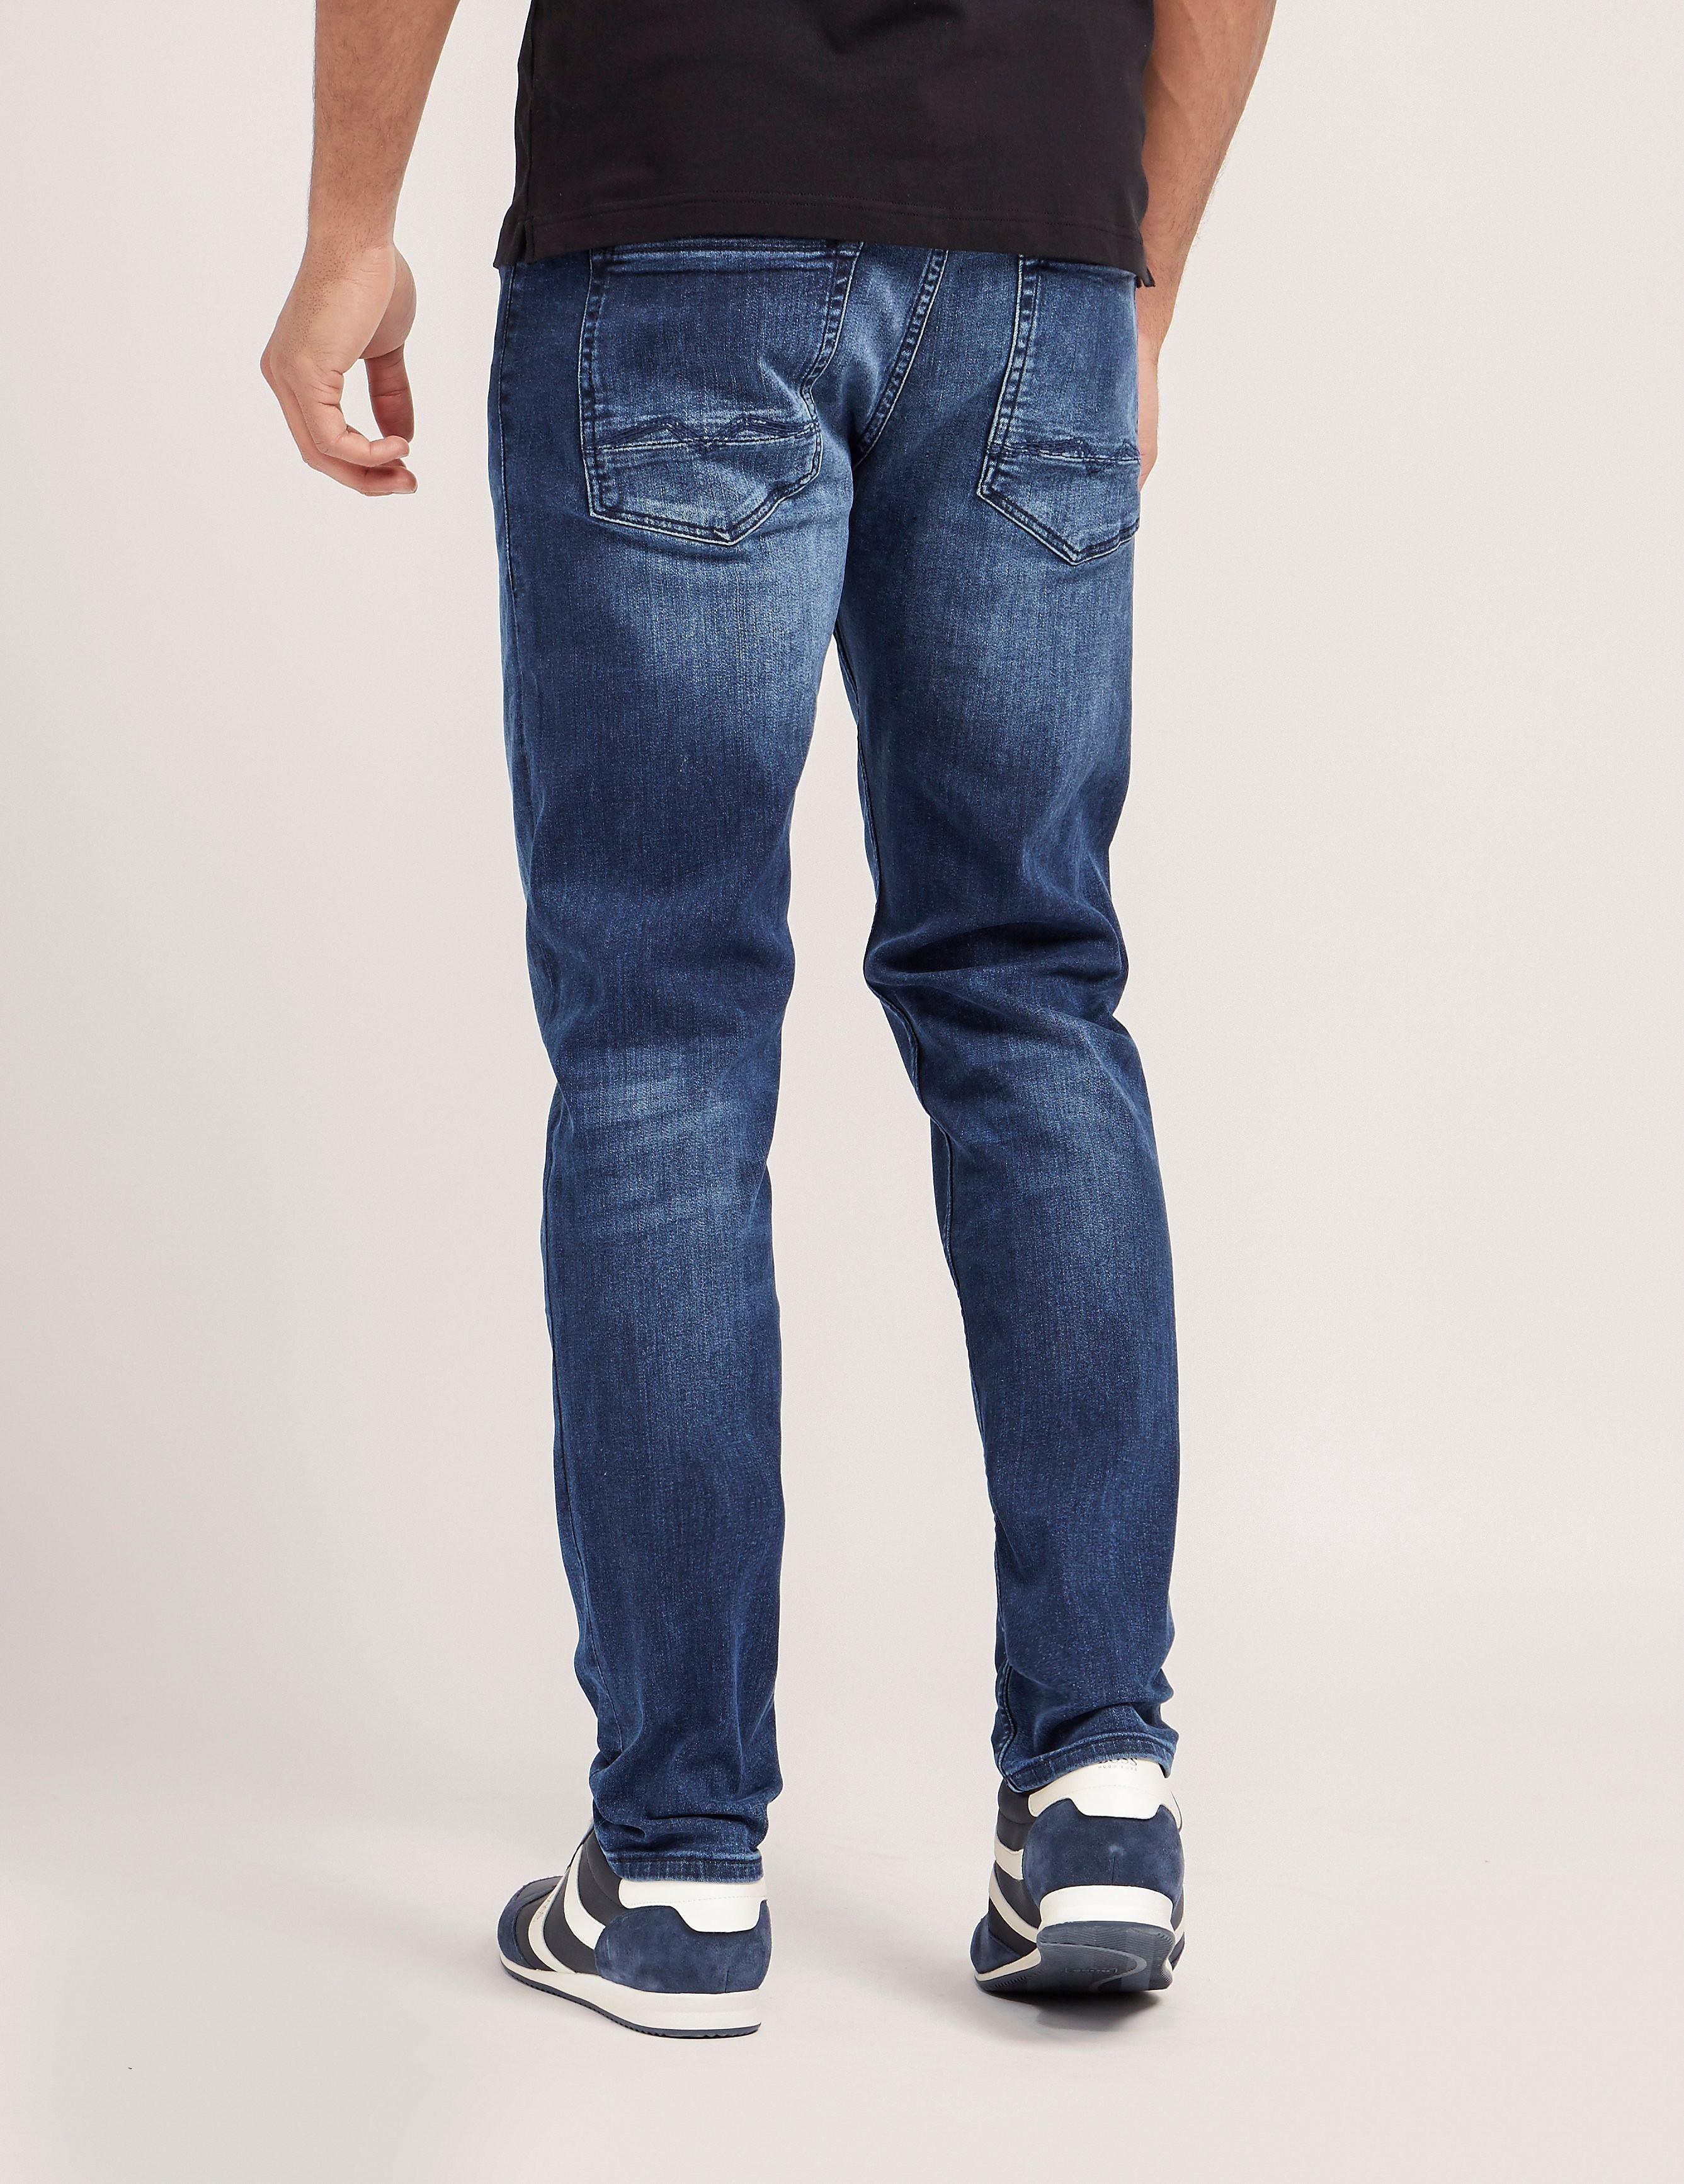 BOSS Orange 90 Jeans